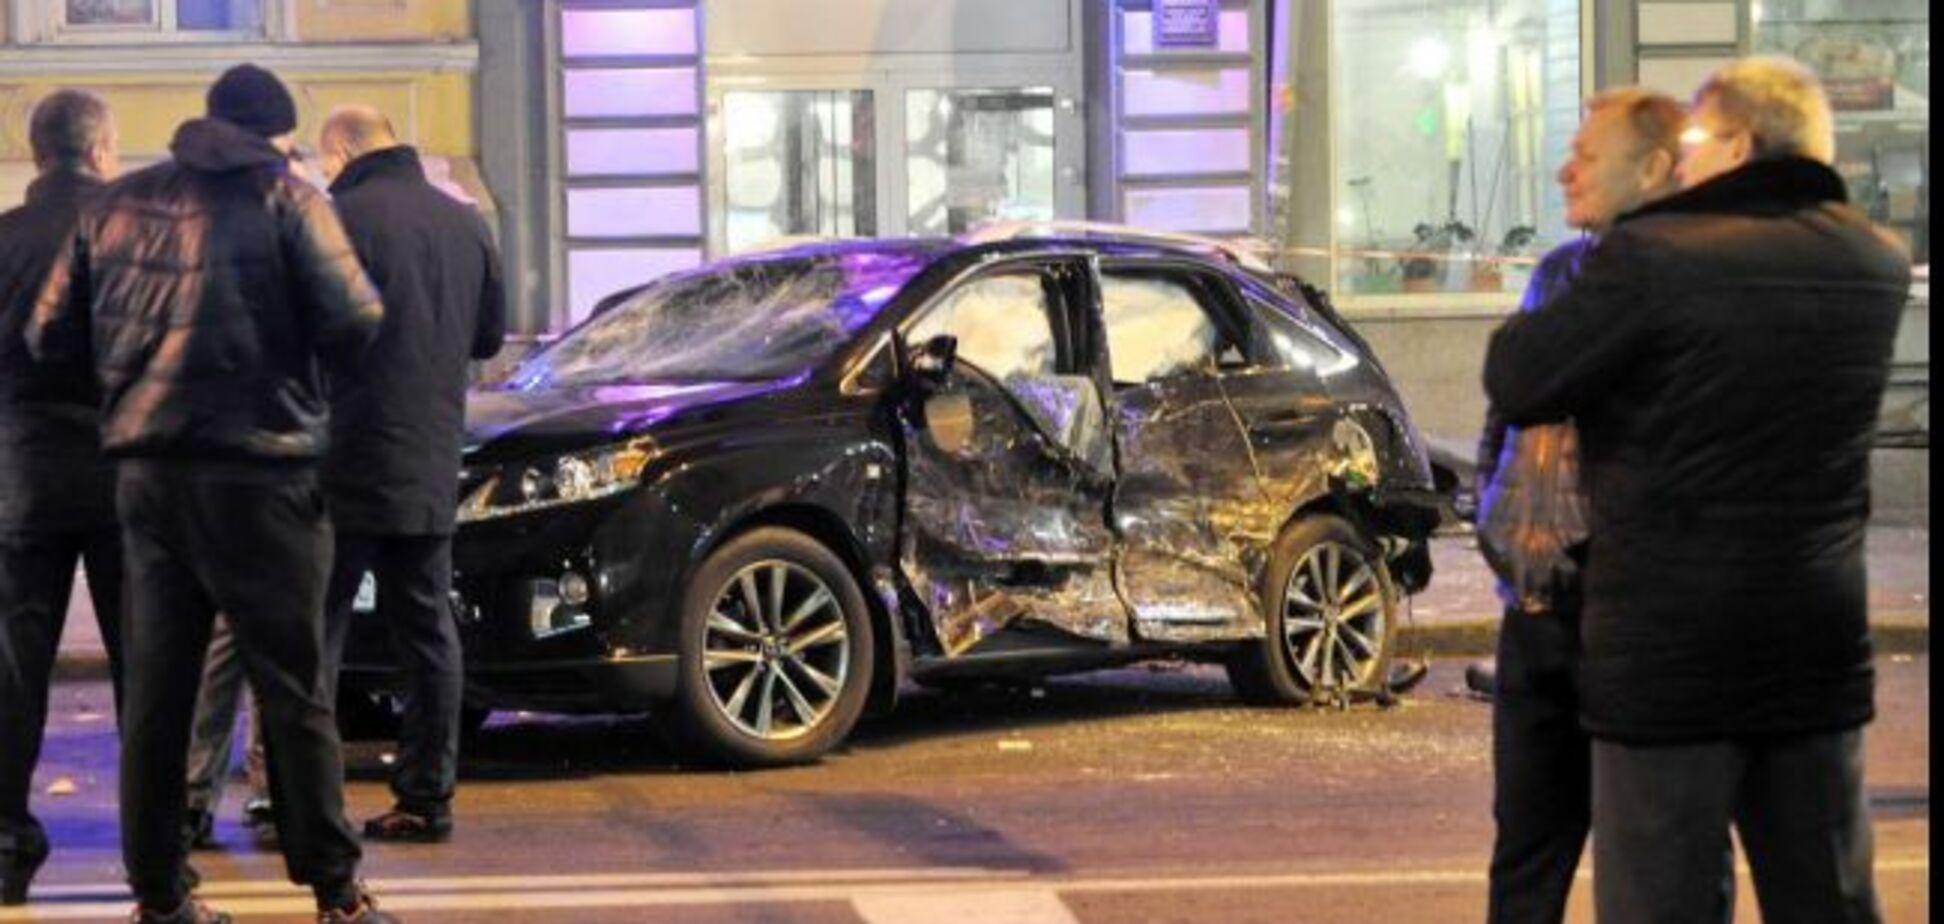 Жахлива ДТП у Харкові: з'явилася детальна формула аварії. Інфографіка